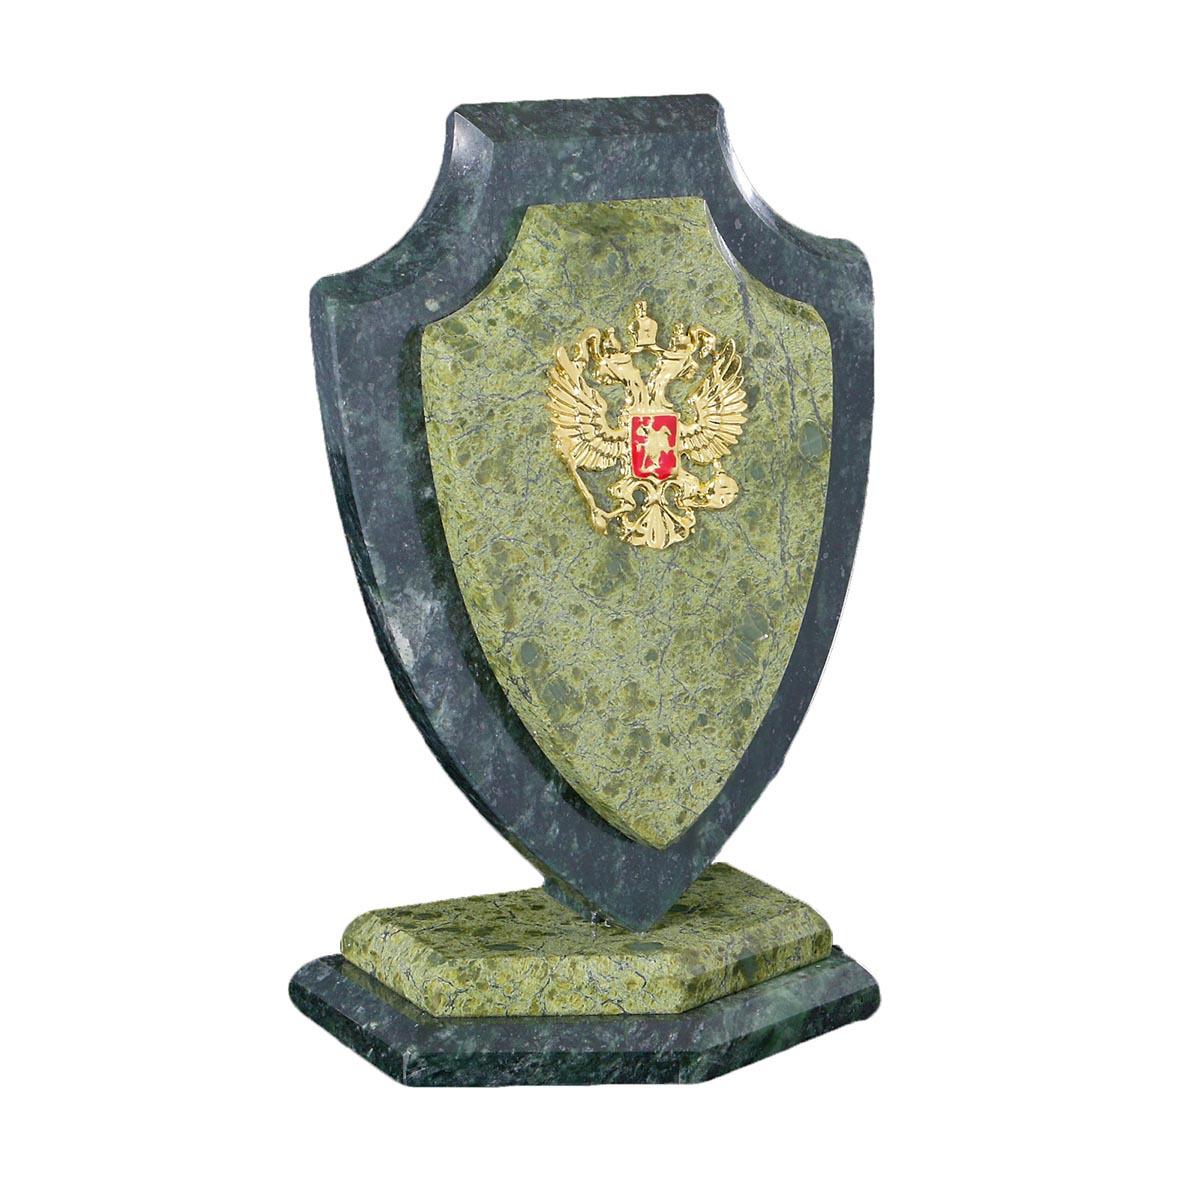 Канцелярский набор Сувенир Щит, малый, с гербом, 1101948, зеленый